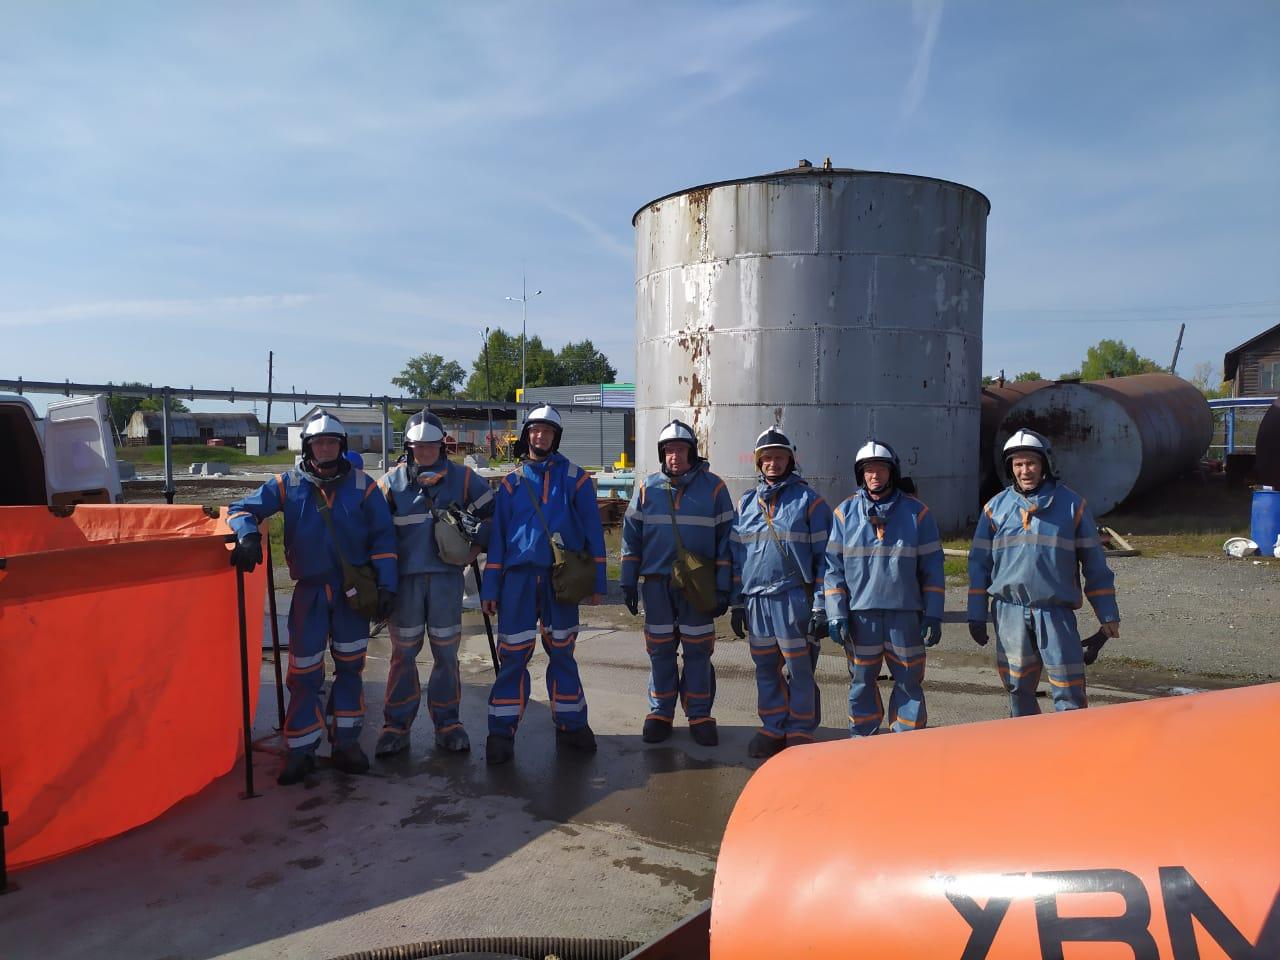 Тактико-специальные учения на нефтебазе АО «Газпромнефть – Терминал» в г. Серов